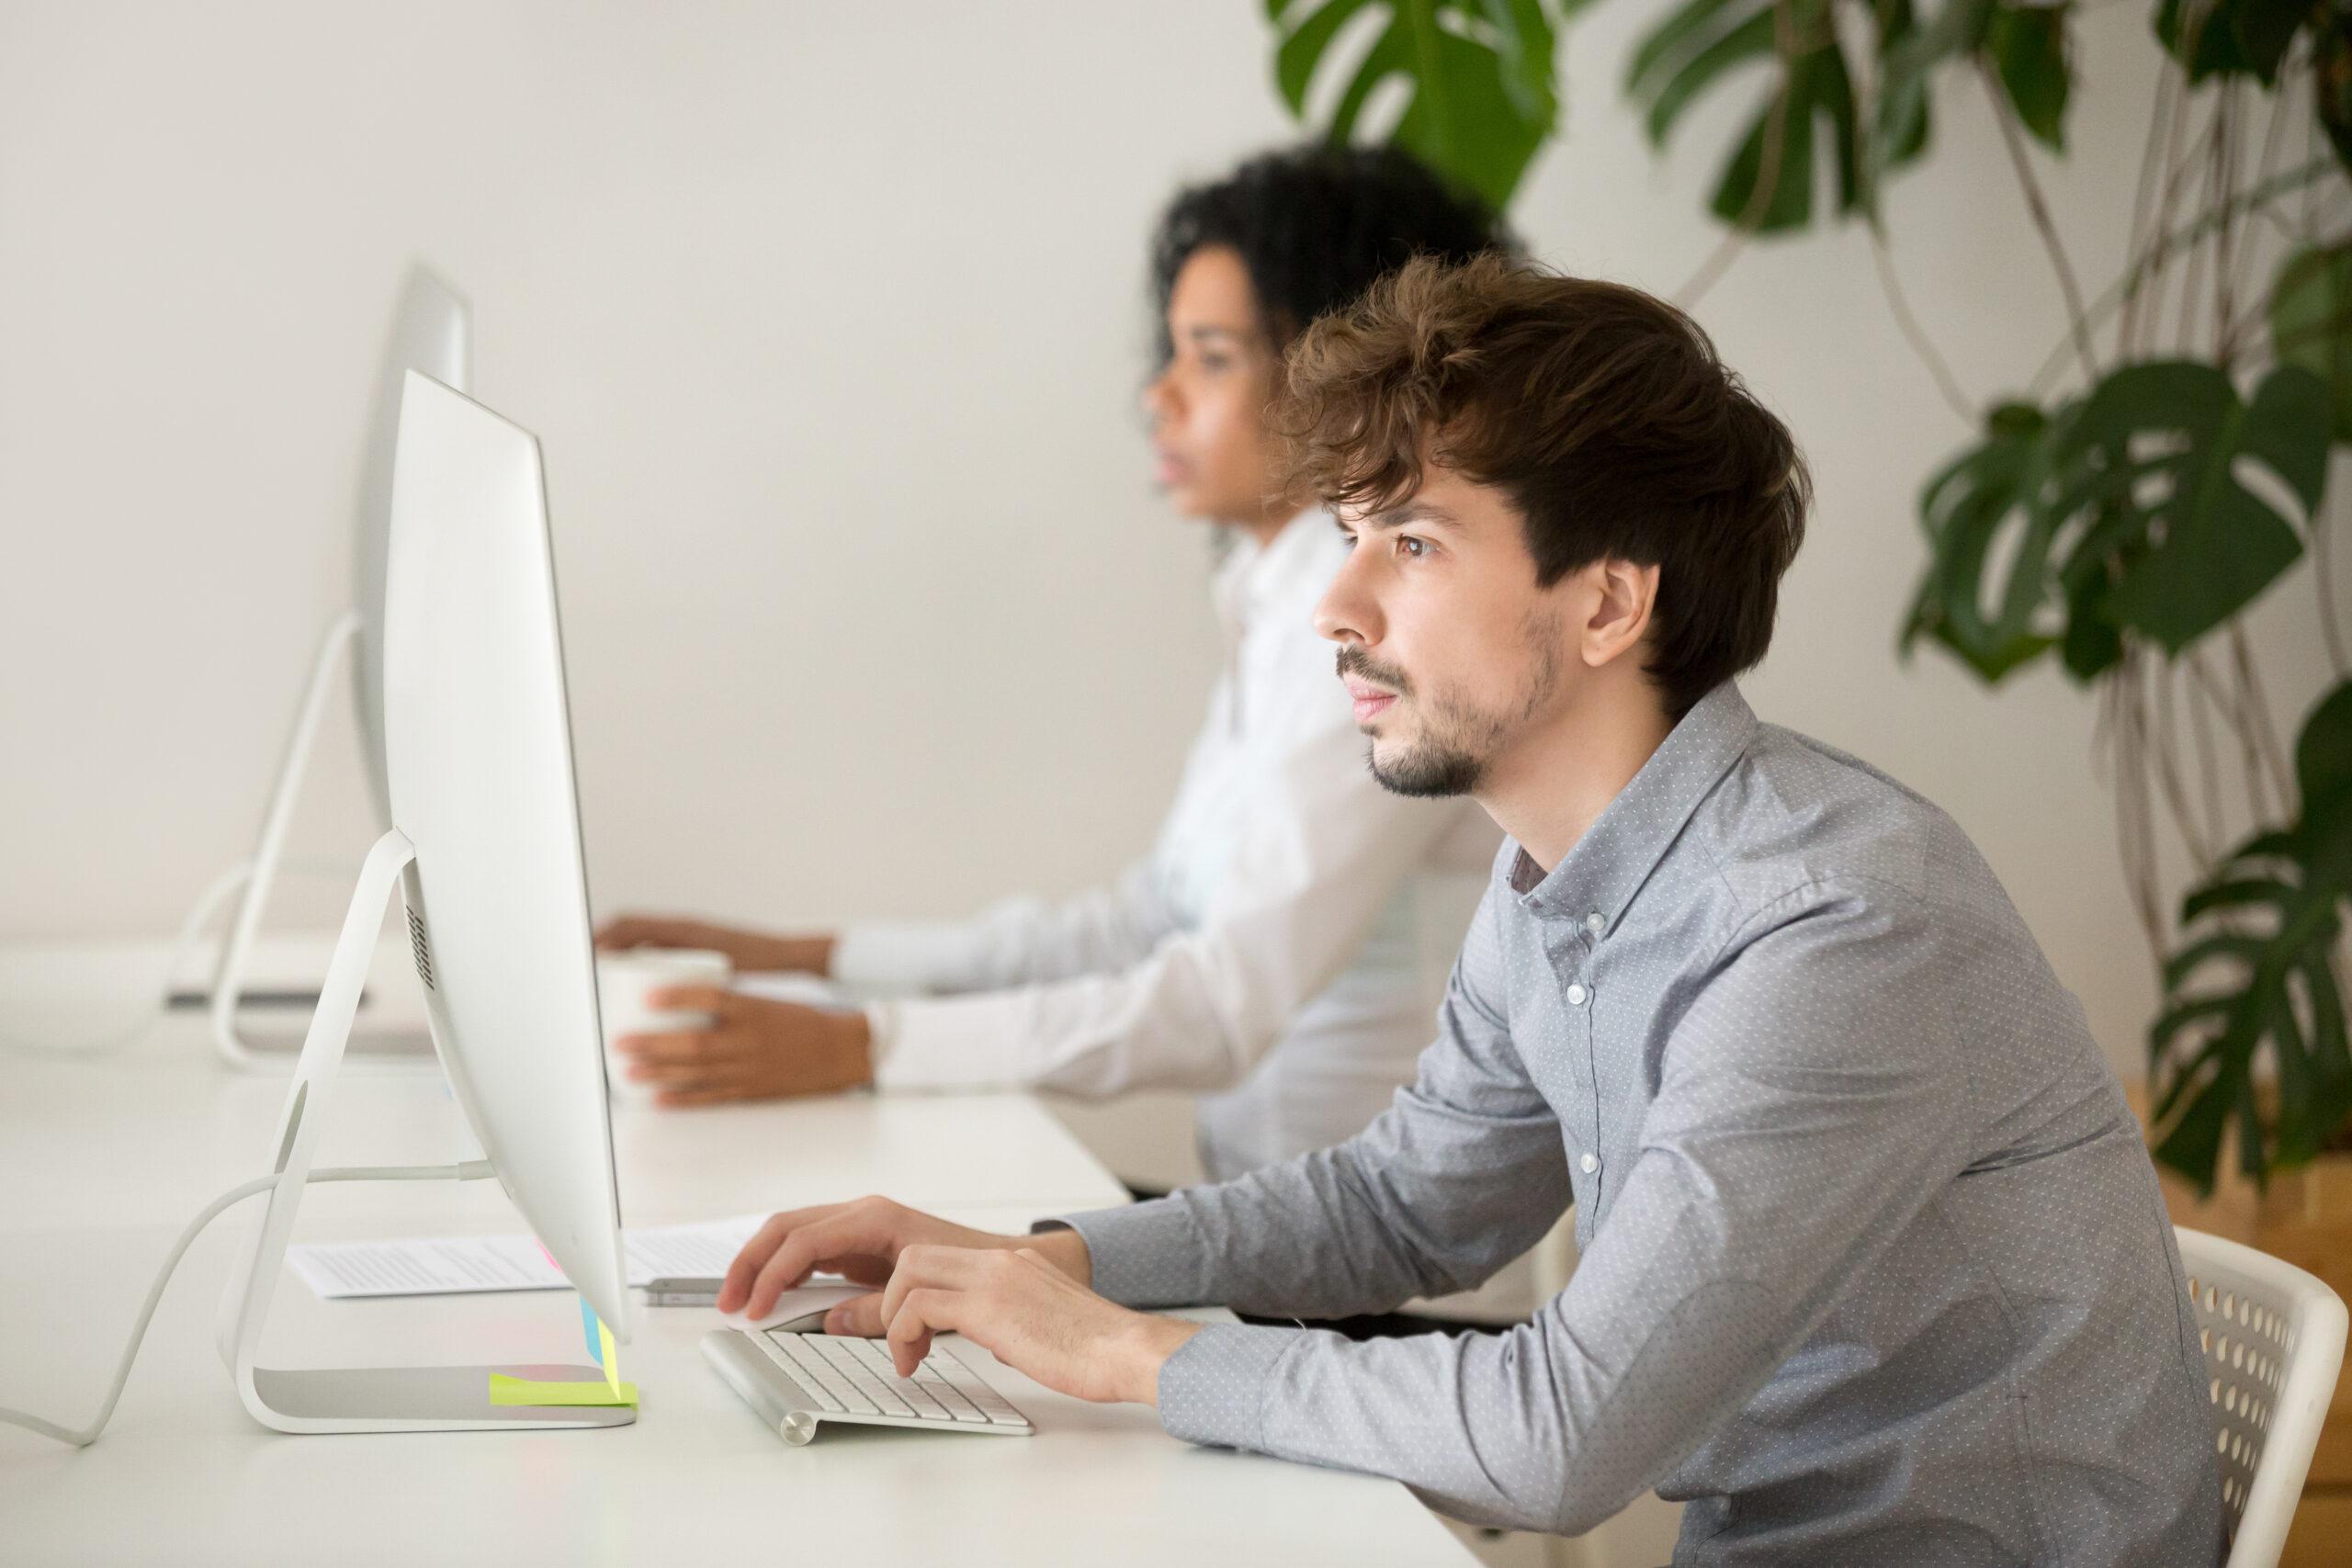 כללי בסיס לישיבה נכונה מול מחשב נייח